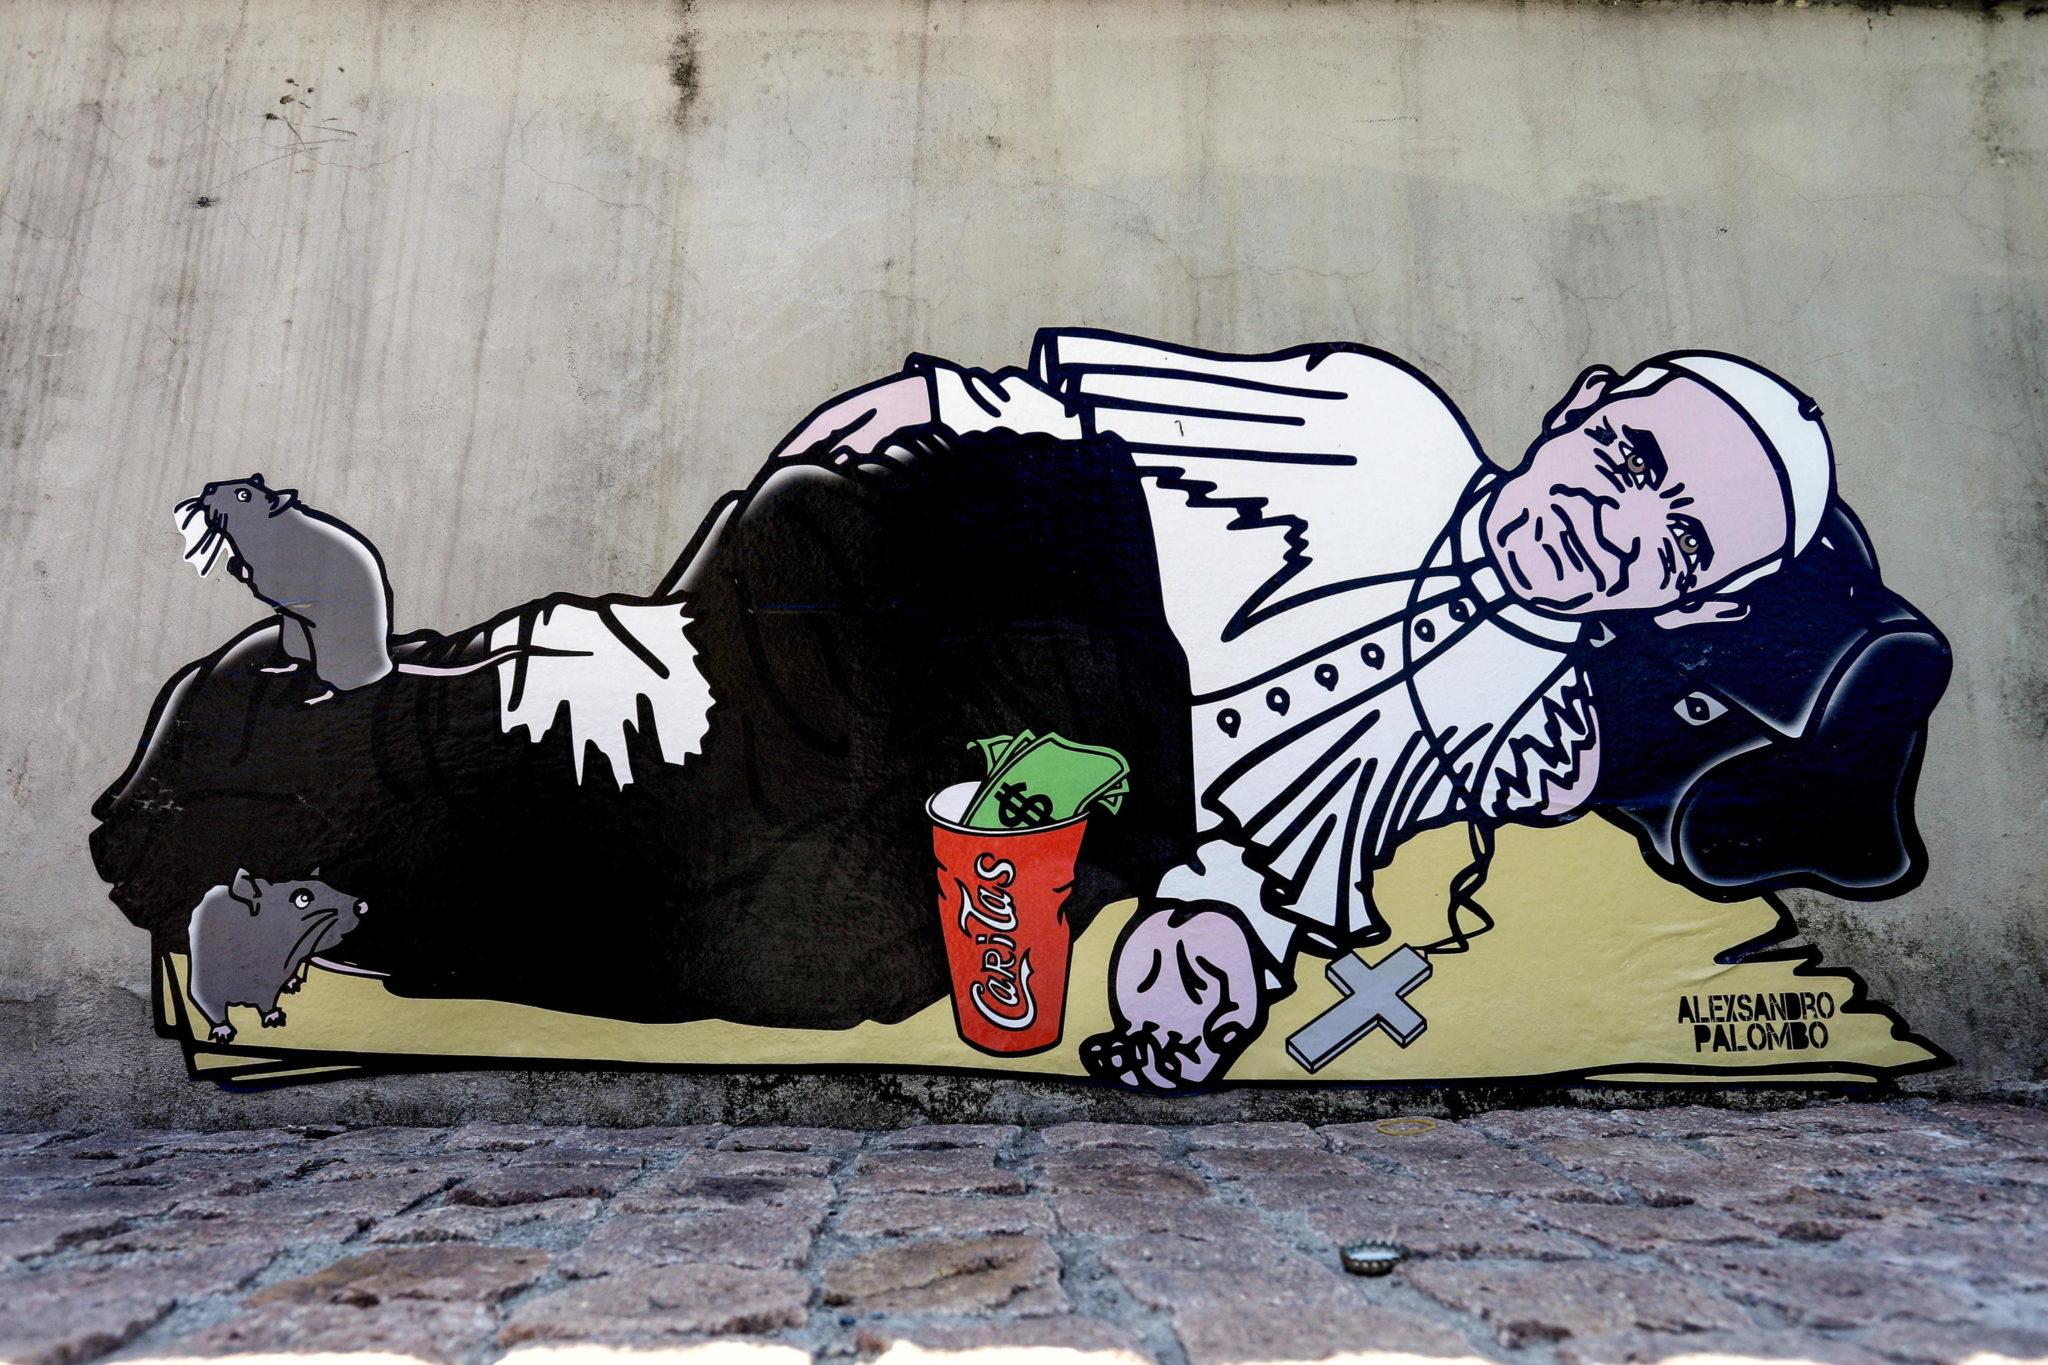 Mural przedstawiający papieża jako żebraka, autorstwa artysty i aktywisty aleXsandro Palombo, na placu Piazza San Gioachimo w Mediolanie, fot. EPA/BALTI TOUATI MOURAD